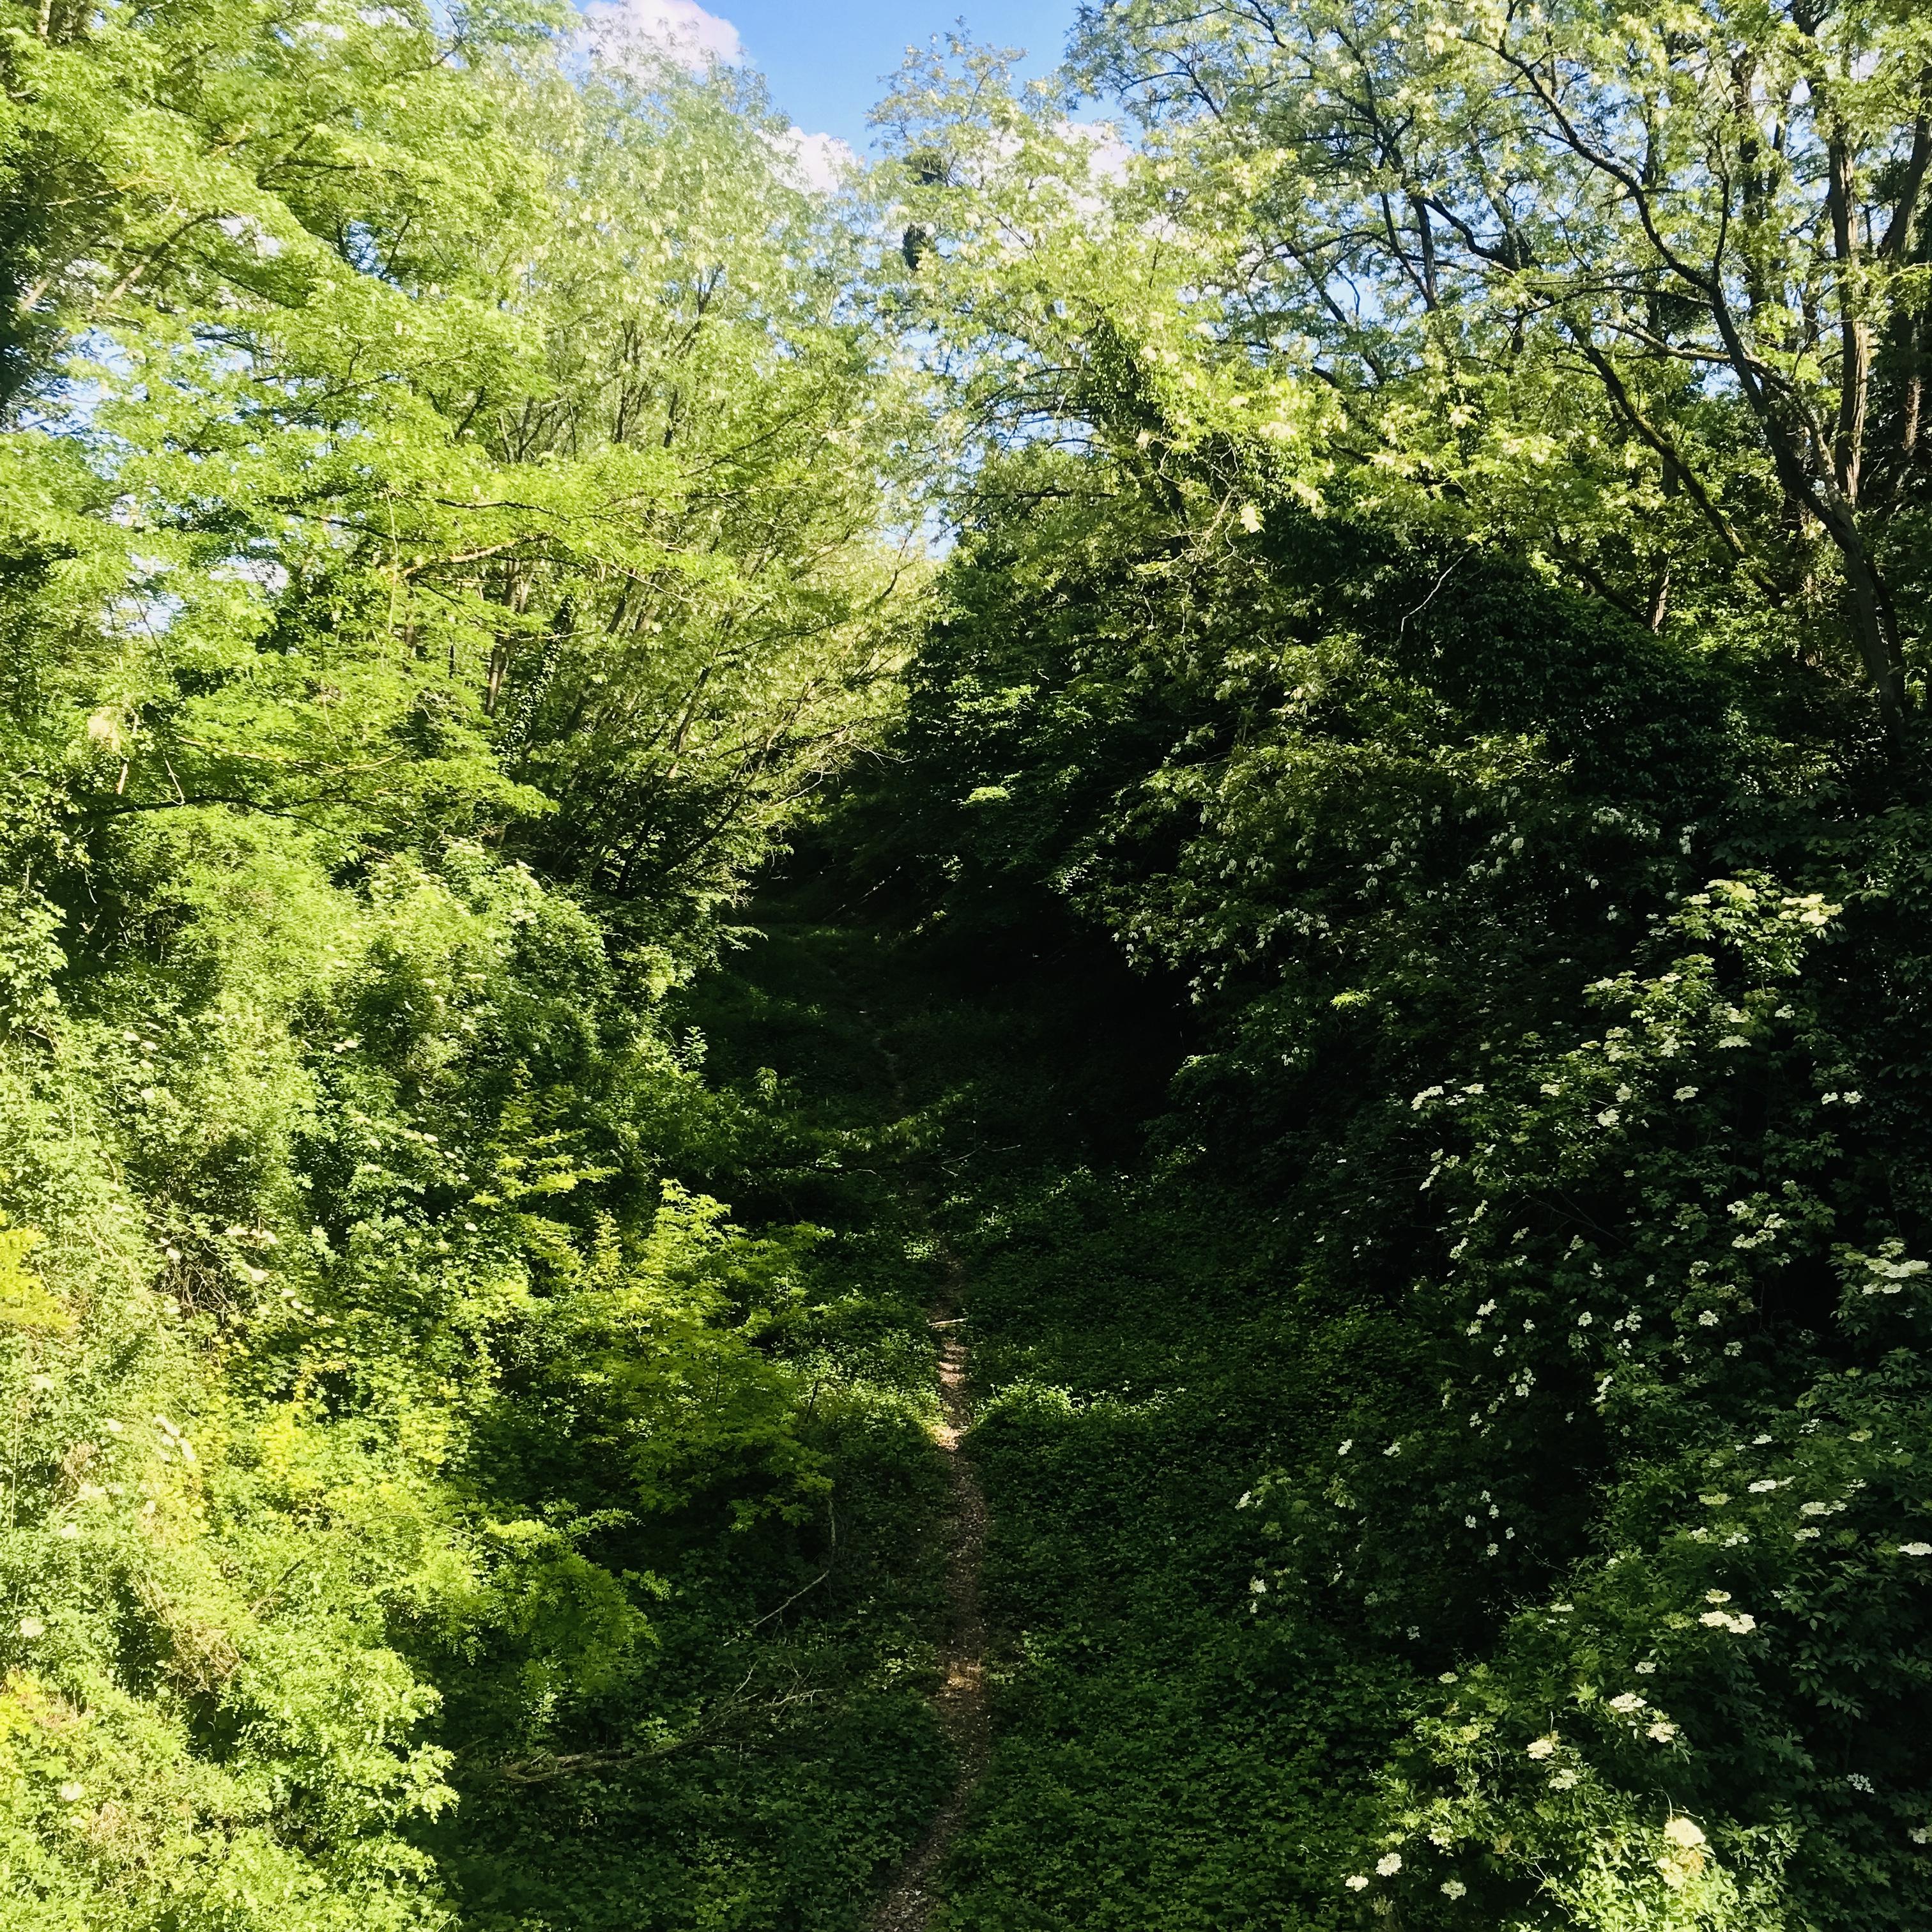 Ancienne voie ferrée en forêt de Saint-Germain-en-Laye / Vianney Delourme pour Enlarge your Paris.